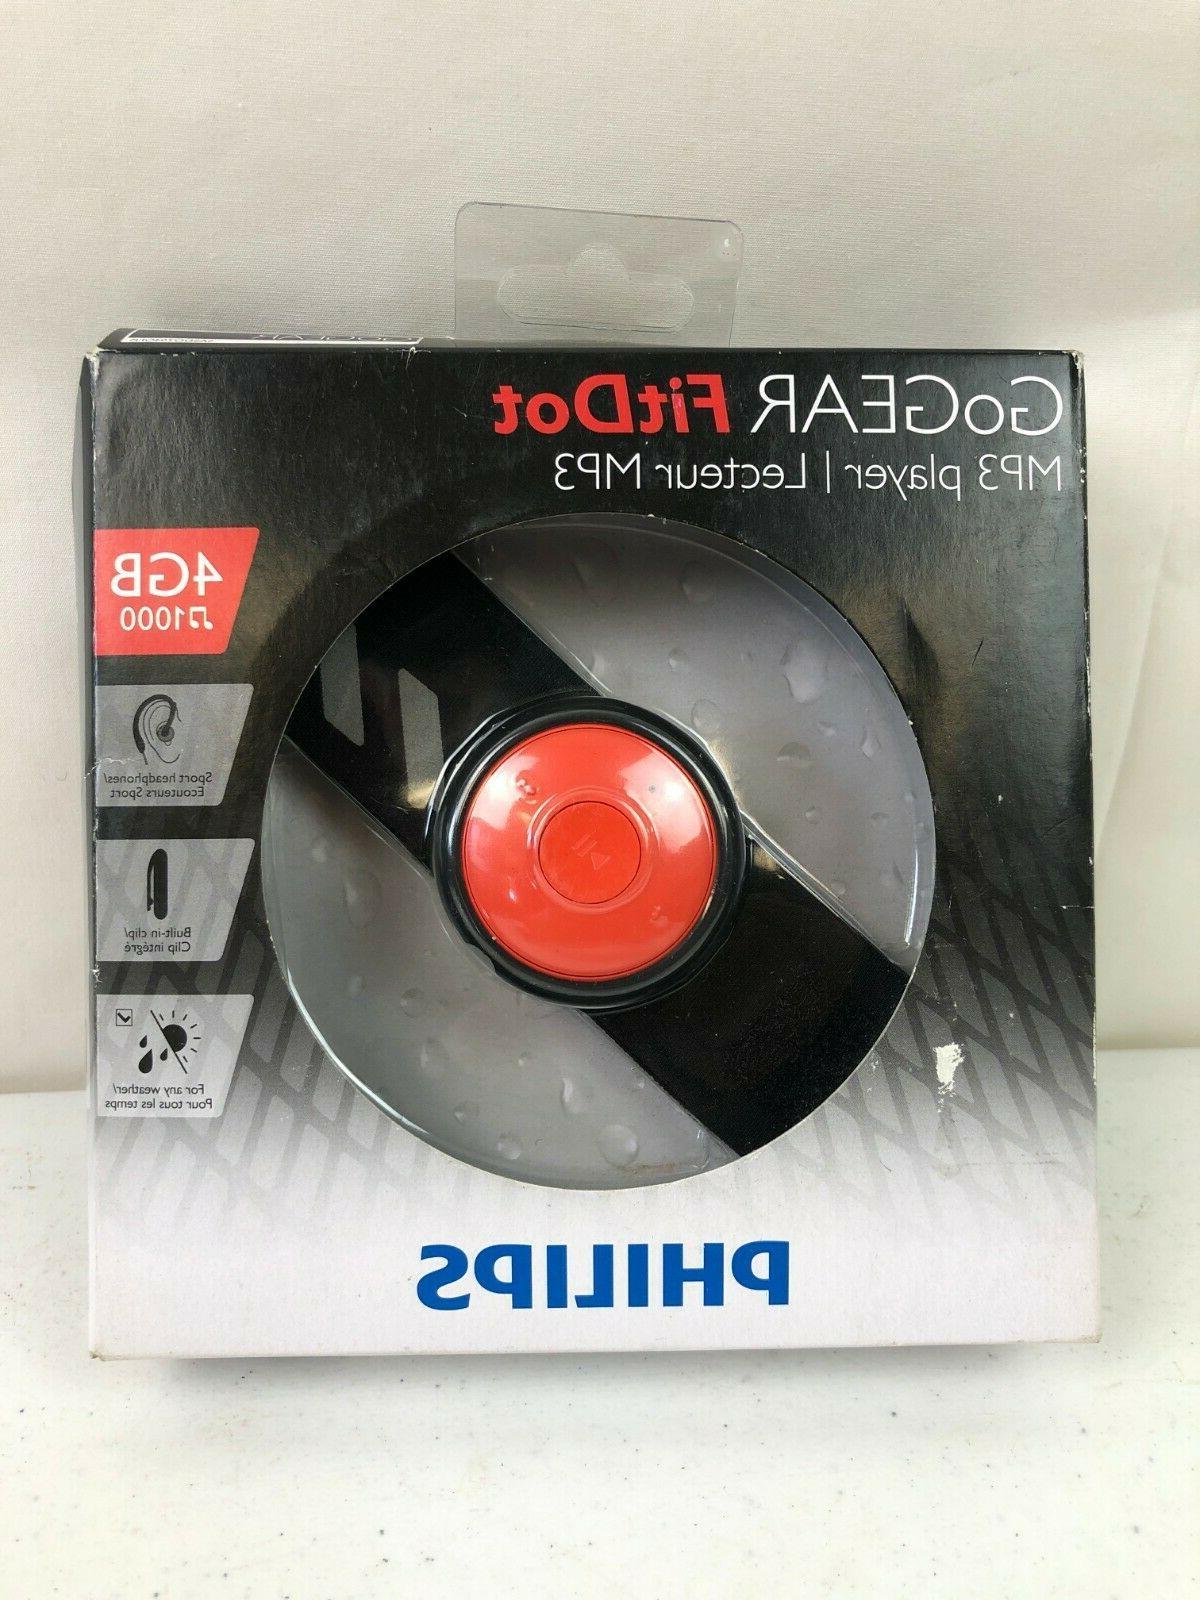 gogear fitdot mp3 player 4gb usb headphones